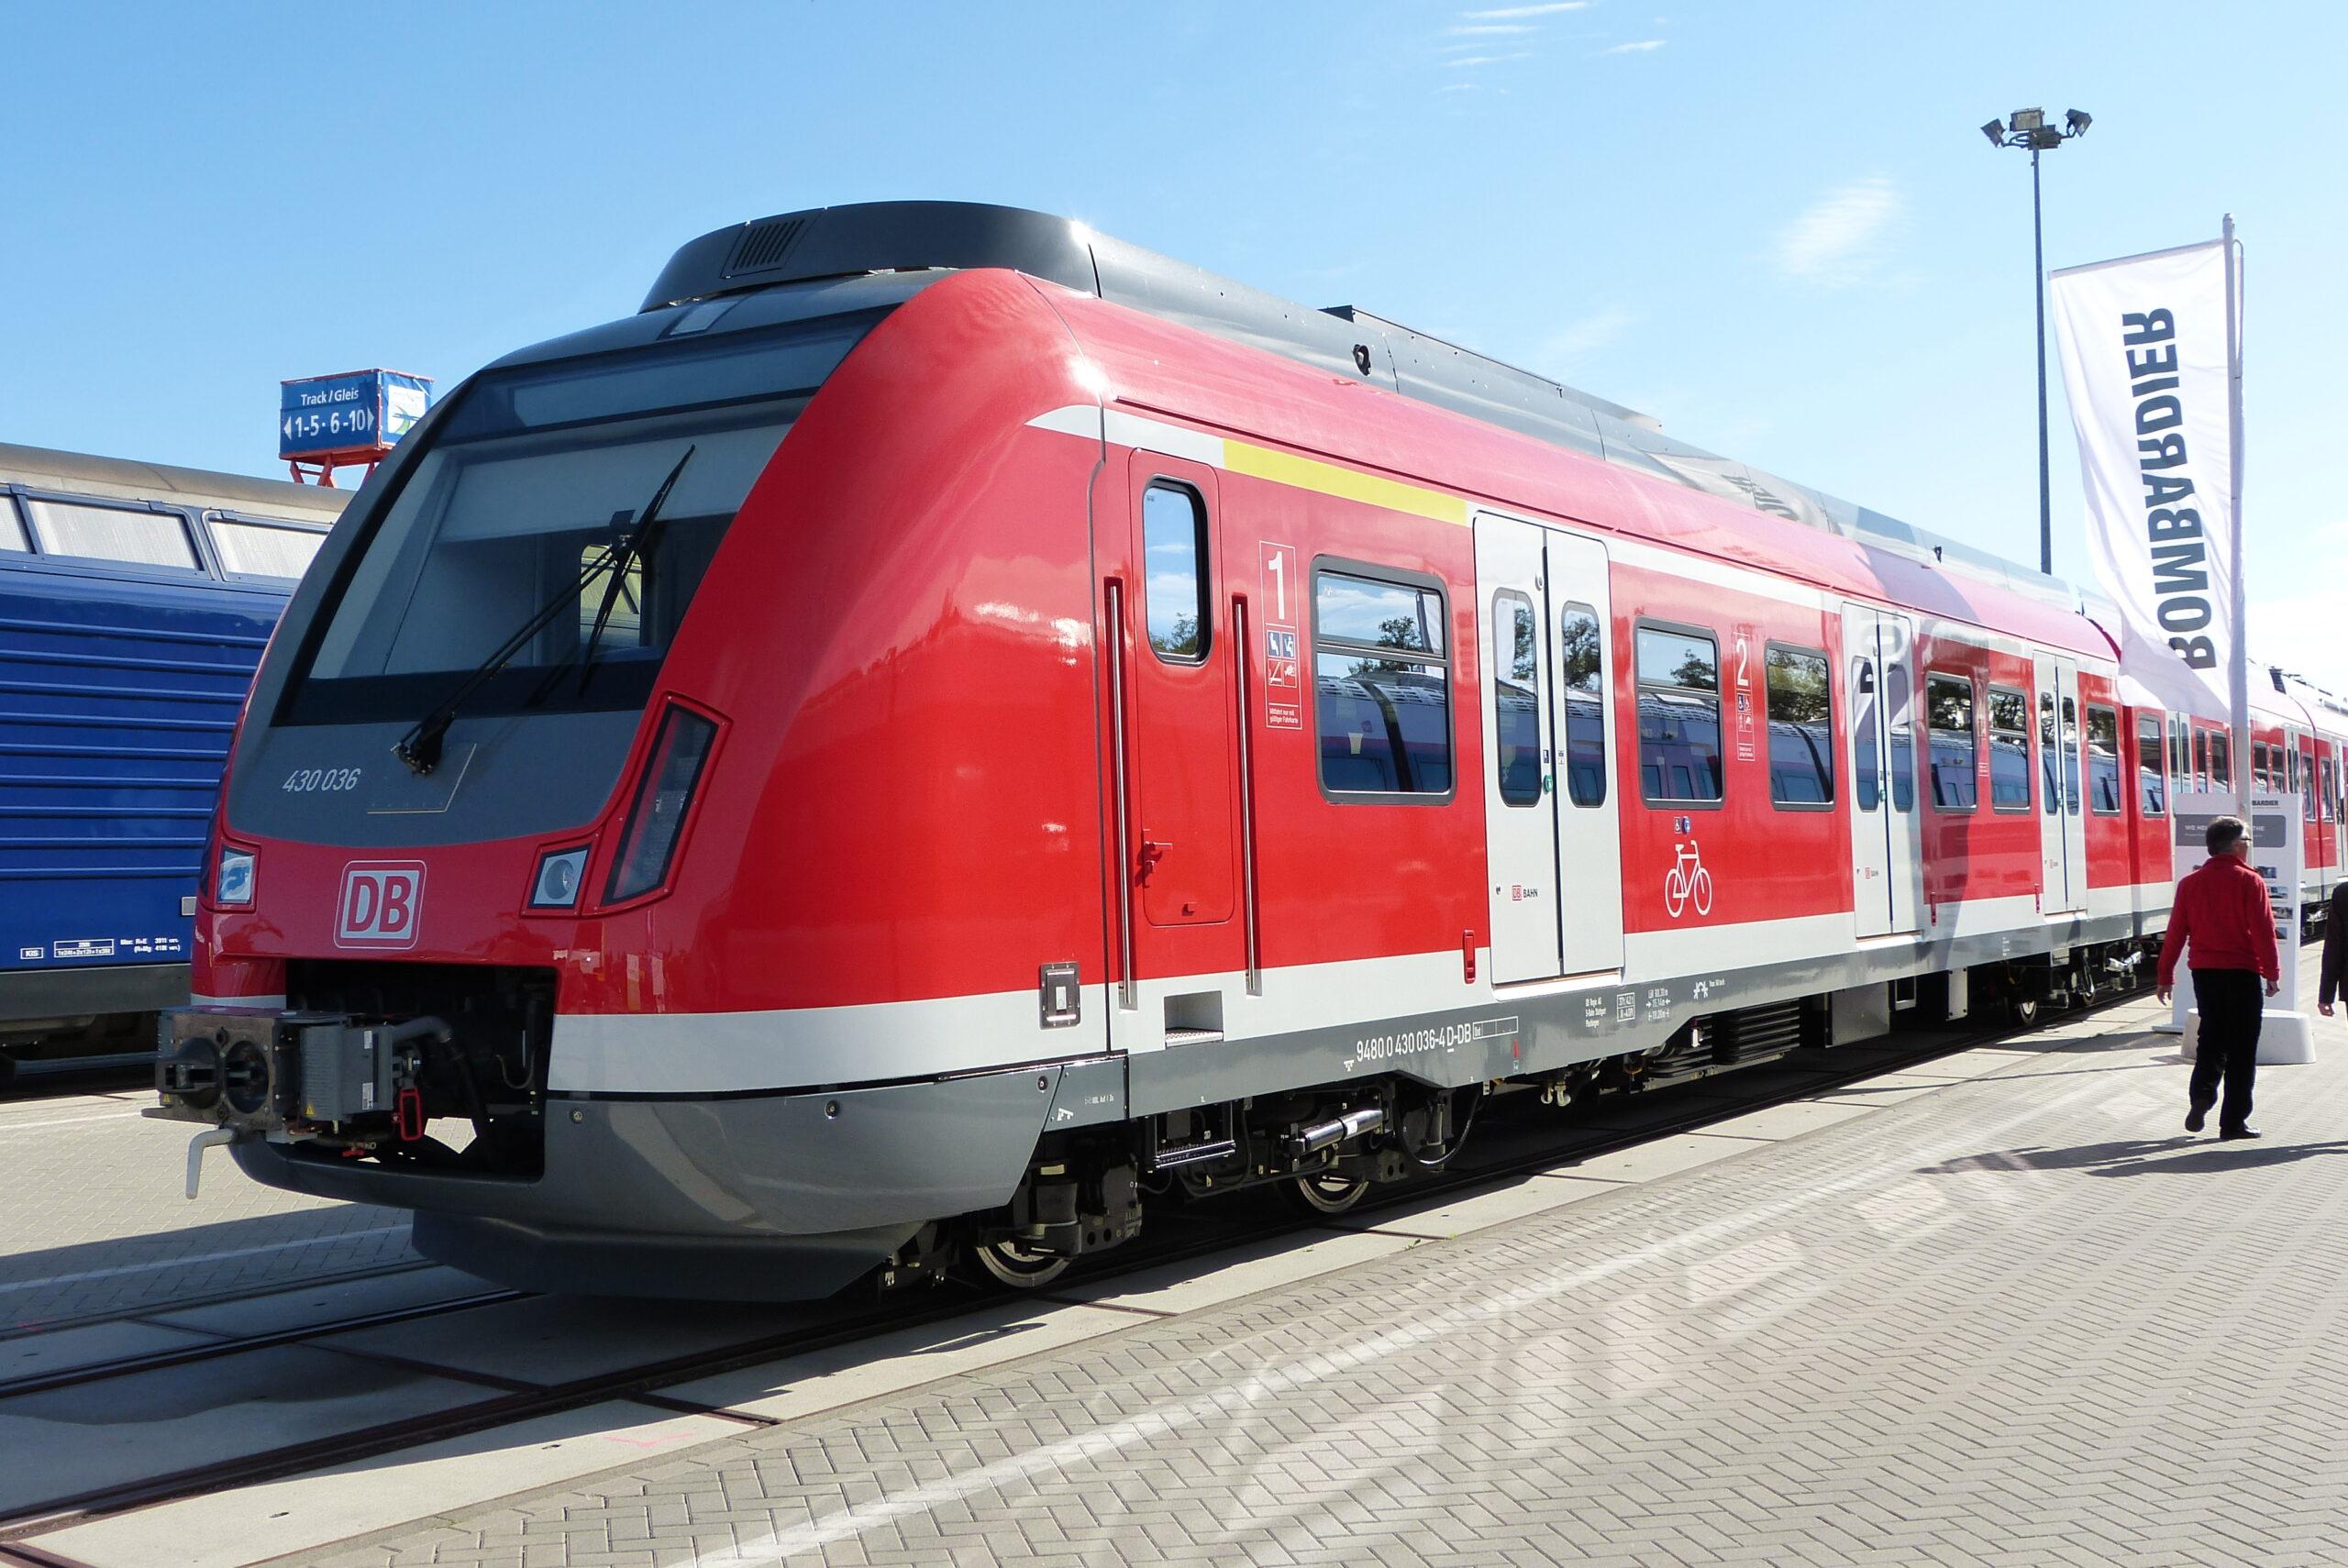 Presentation of the BR430 S-Bahn for Stuttgart at InnoTrans 2012